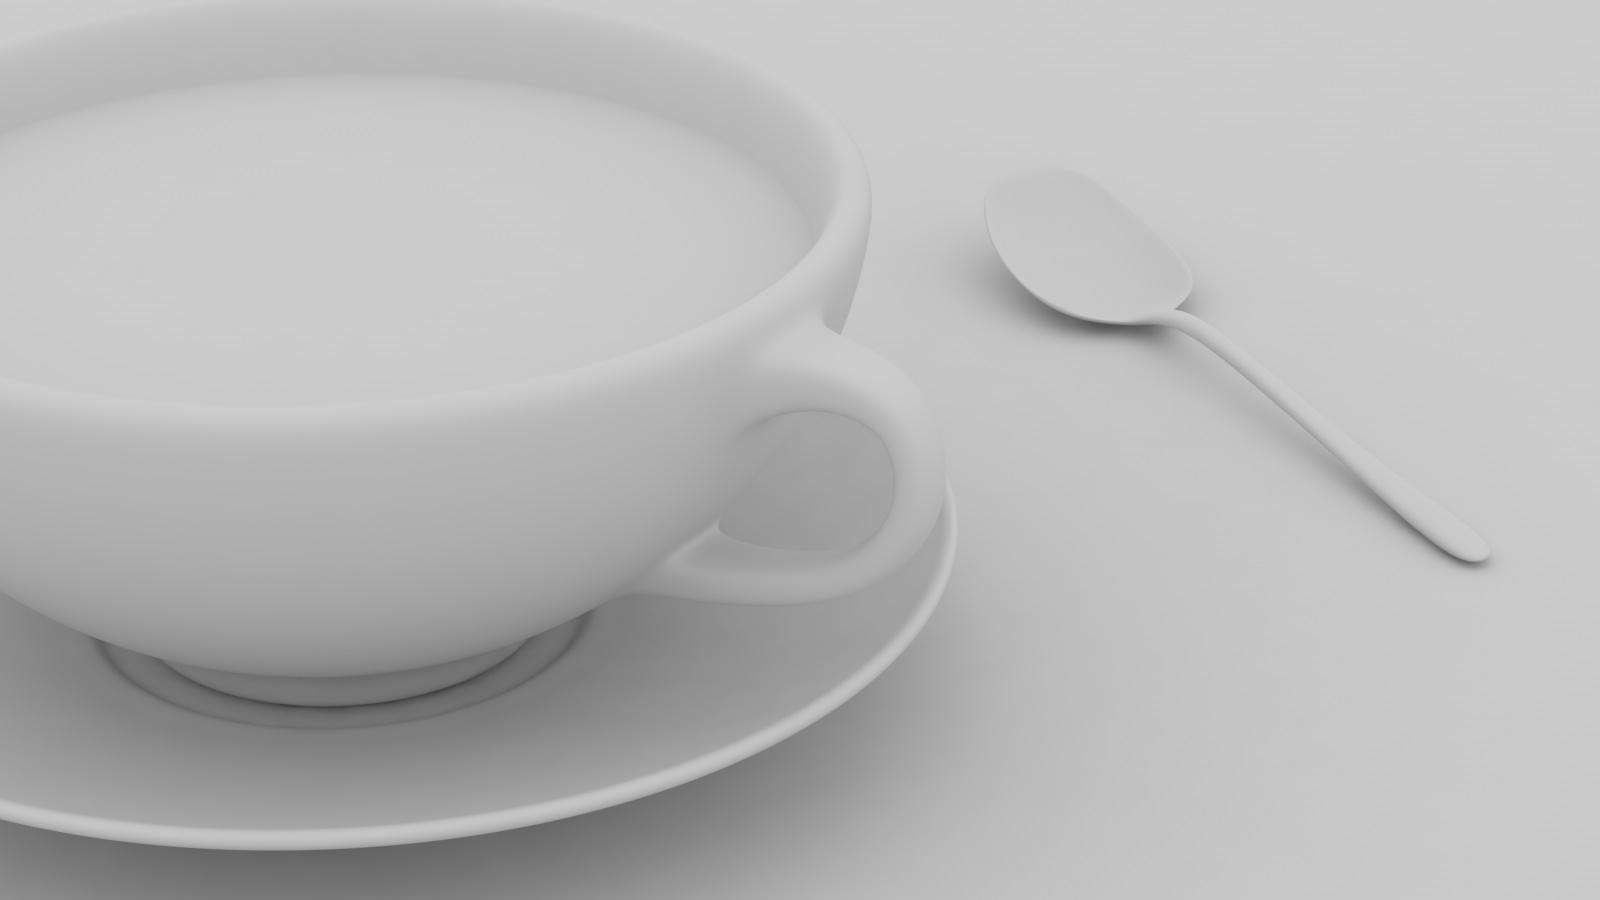 teacup_cray